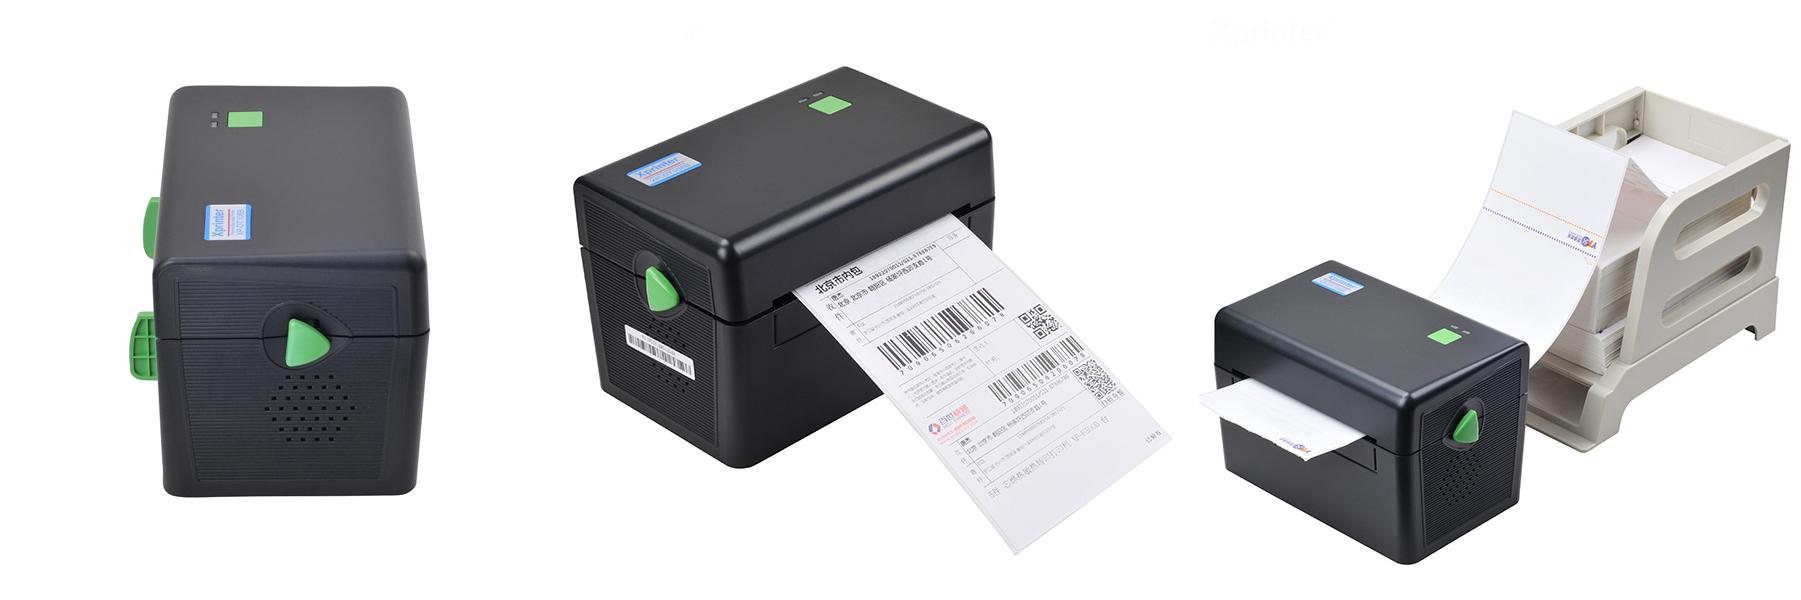 XPRINTER DT108B Lắp các loại giấy khác nhau